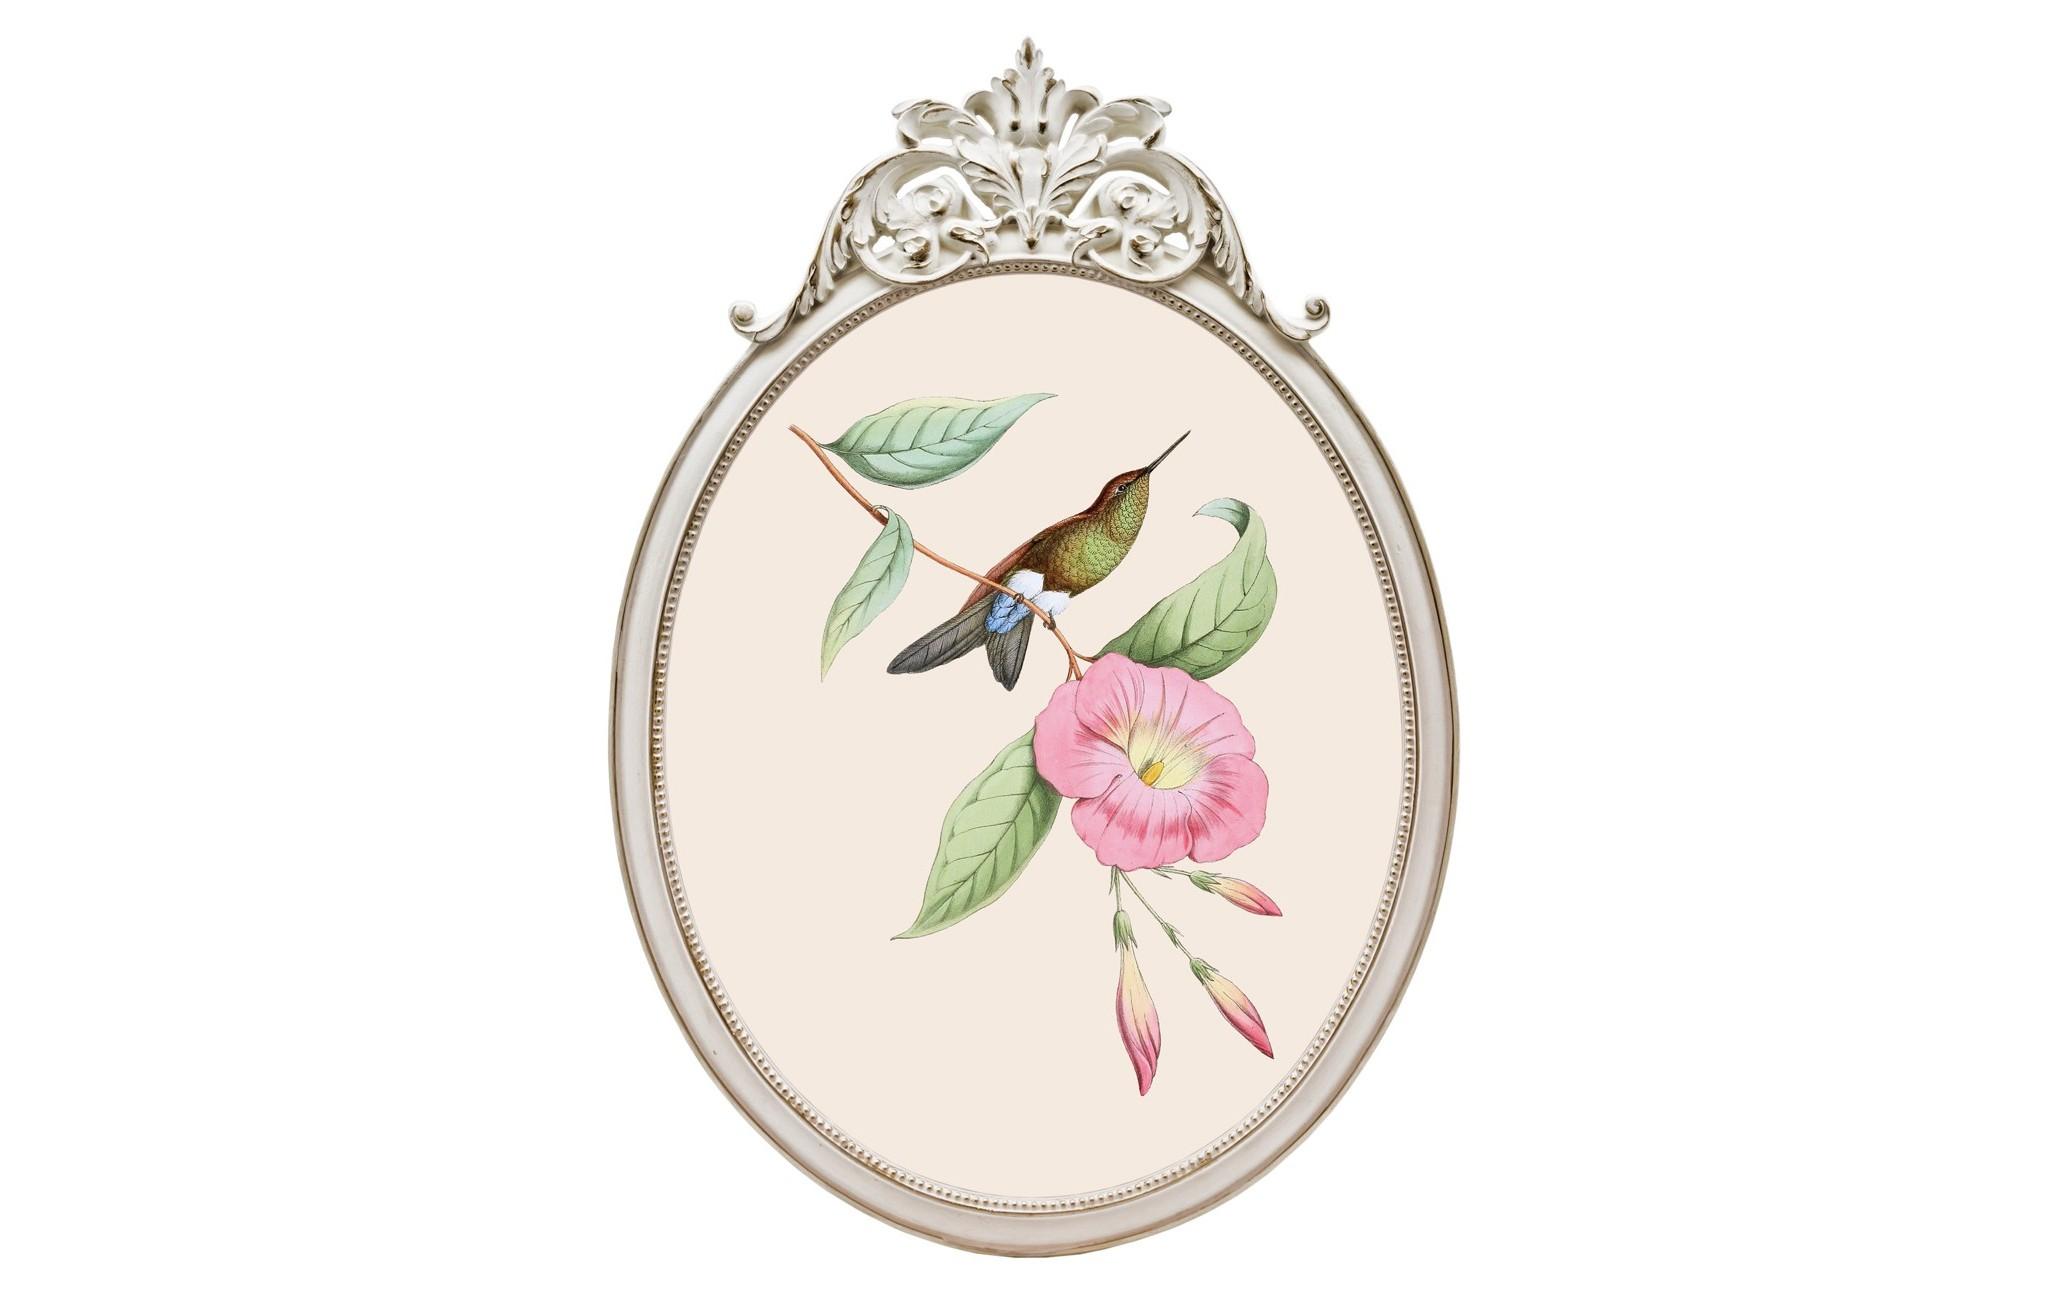 Репродукция гравюры «Птица счастья» в раме «Офелия»Картины<br>Создавая идеальный домашний интерьер, важно не упустить ни единой детали. В том числе и при выборе картин, которые способны дополнить романтический образ Вашего дома. Изящные изображения, плавные очертания рам, нежные тона безупречны в своем исполнении.  Репродукция «Птица счастья»  - желанное интерьерное украшение гостиной, столовой, спальни, кабинета и детской комнаты, способное задать пространству стиль и достоинство.<br>Изыск, аристократичность, респектабельность и попросту очарование - доступные свойства Вашего интерьера. <br>Оригинальная картинная рама - простой и легкий, но роскошный и эффективный интерьерный прием. <br>Классический белый цвет рамы - залог соседства с большинством предметов мебели и декора. Овальные рамы идеально рифмуются в интерьере с зеркалами и стульями. <br>Симметричные формы формируют имидж аккуратности и уюта. <br>Искусная техника состаривания придает раме особую теплоту и уют. Античная дымка резного узора элегантна и романтична. <br>Цифровая печать на холсте досконально передает каждое движение кисти художника и сохраняет эффект объемности линий. <br>Рамы, выполненные из полистоуна, неприхотливы в уходе. Этот материал прочен, легок, стоек к влаге и солнечному свету.  <br>Для крепления к стене рама снабжена широкой и прочной металлической скобой, обеспечивающей быстрый легкий монтаж и идеально симметричное положение рамы. Даже с оборотной стороны рама выглядит эстетично.<br><br>Material: Полистоун<br>Width см: 29,3<br>Depth см: 2<br>Height см: 41,5